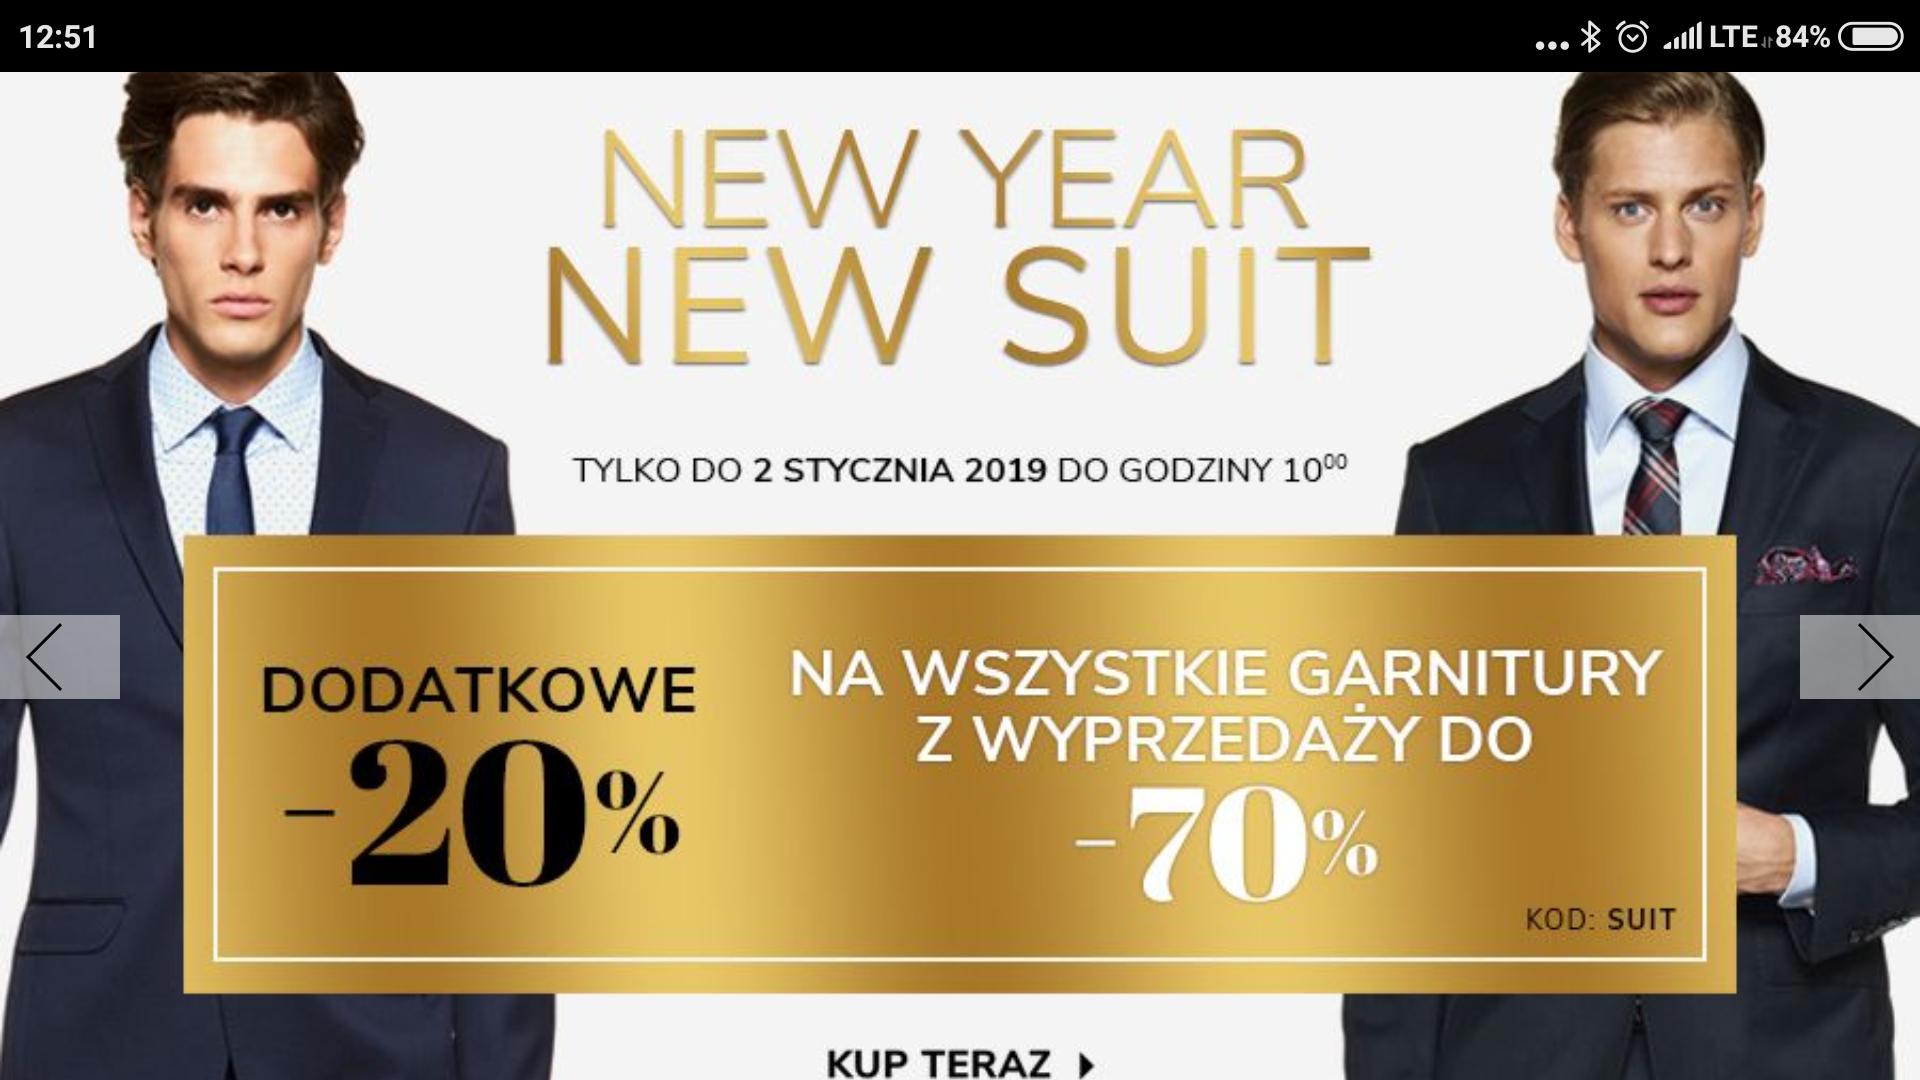 Vistula dodatkowe 20% na garnitury z wyprzedaży